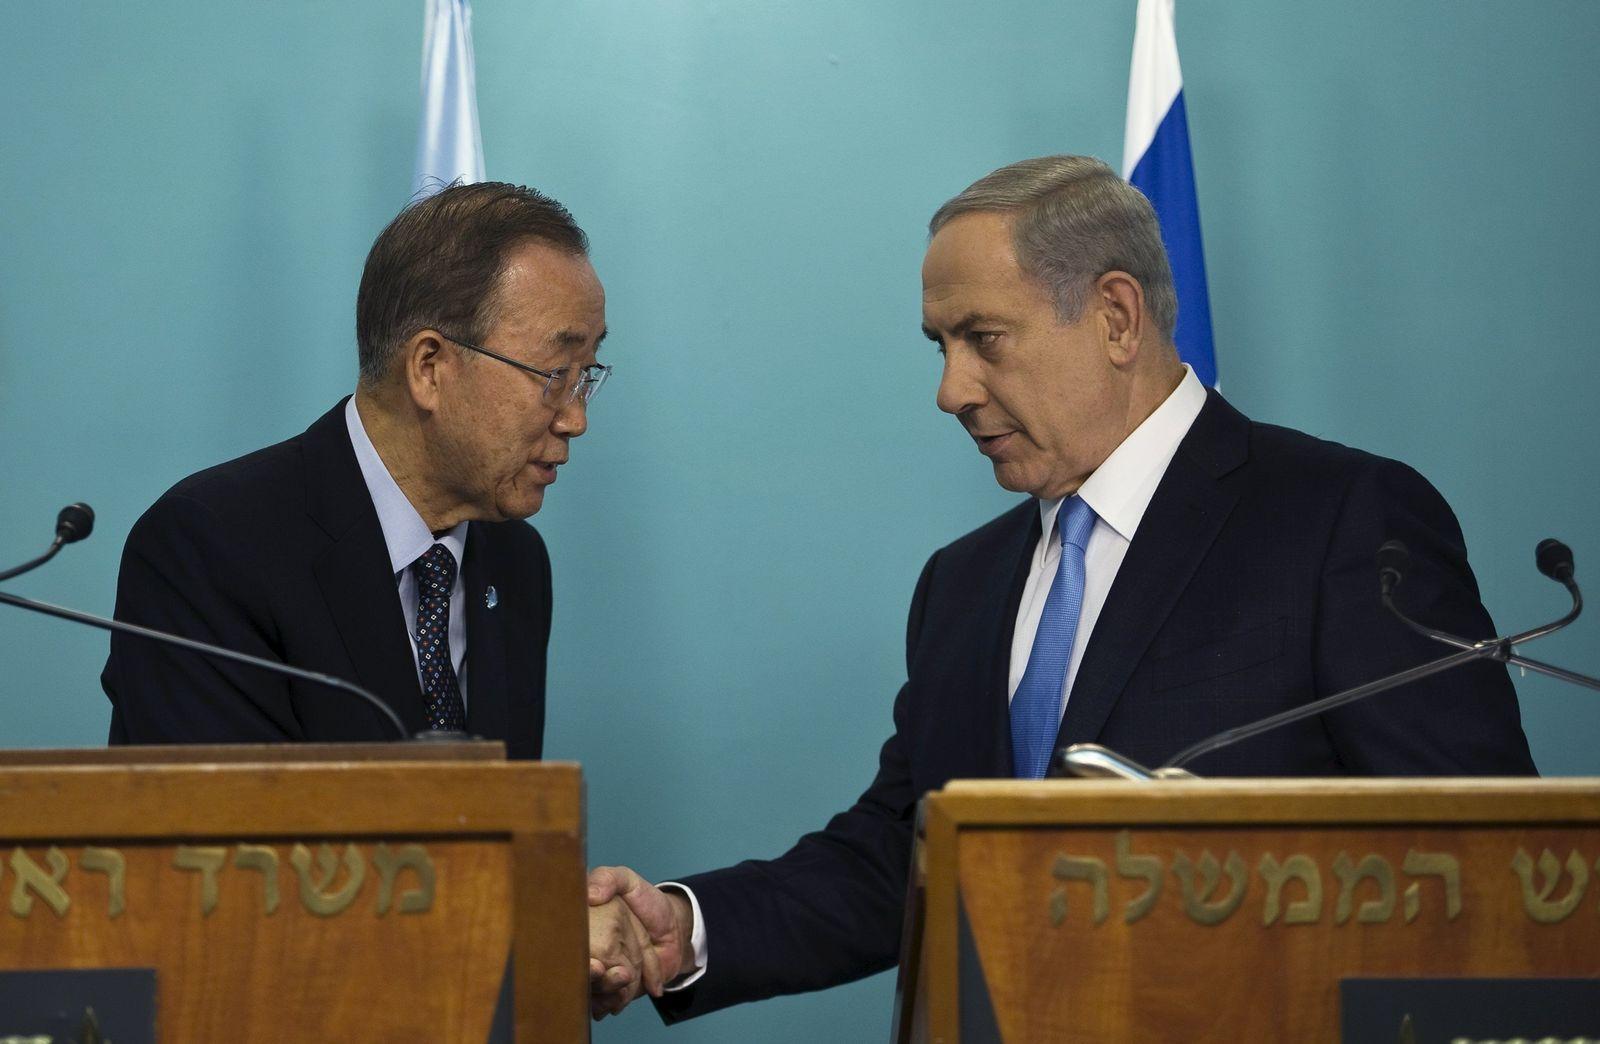 Ban Ki Moon / Netanyahu / Israel